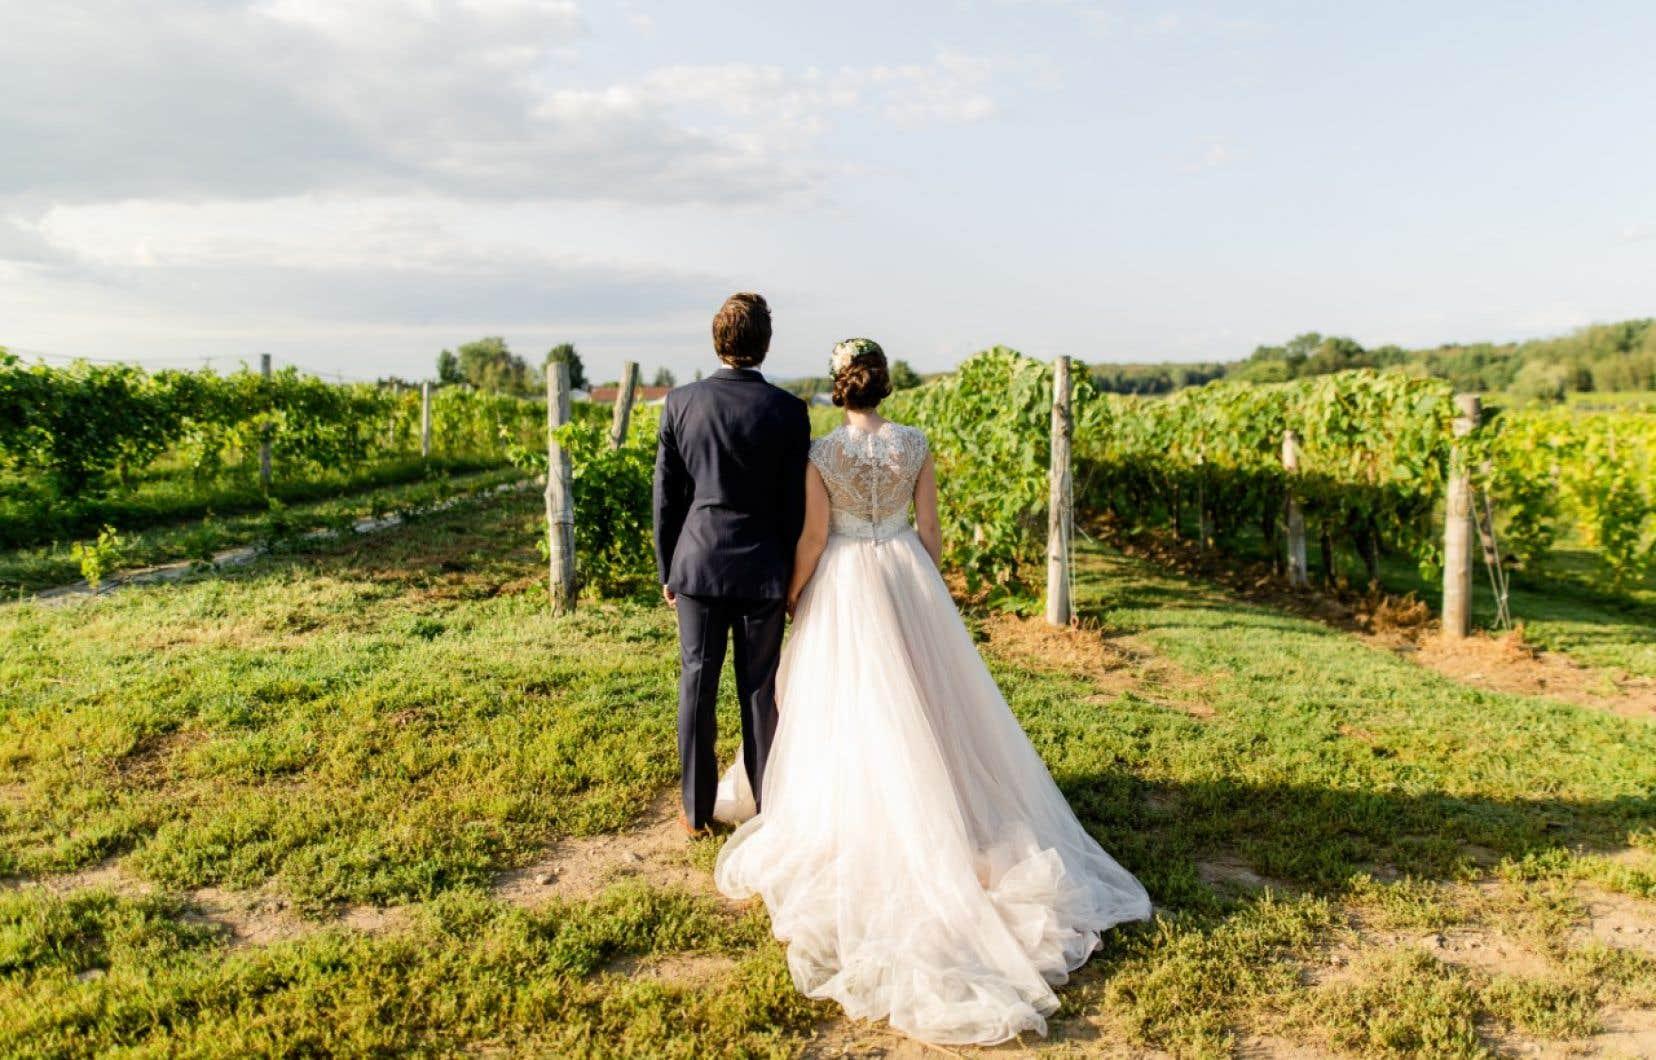 Le nombre de mariages a chuté de près de moitié au Québec entre 2019 et 2020, selon une étude de l'Institut de la statistique du Québec.